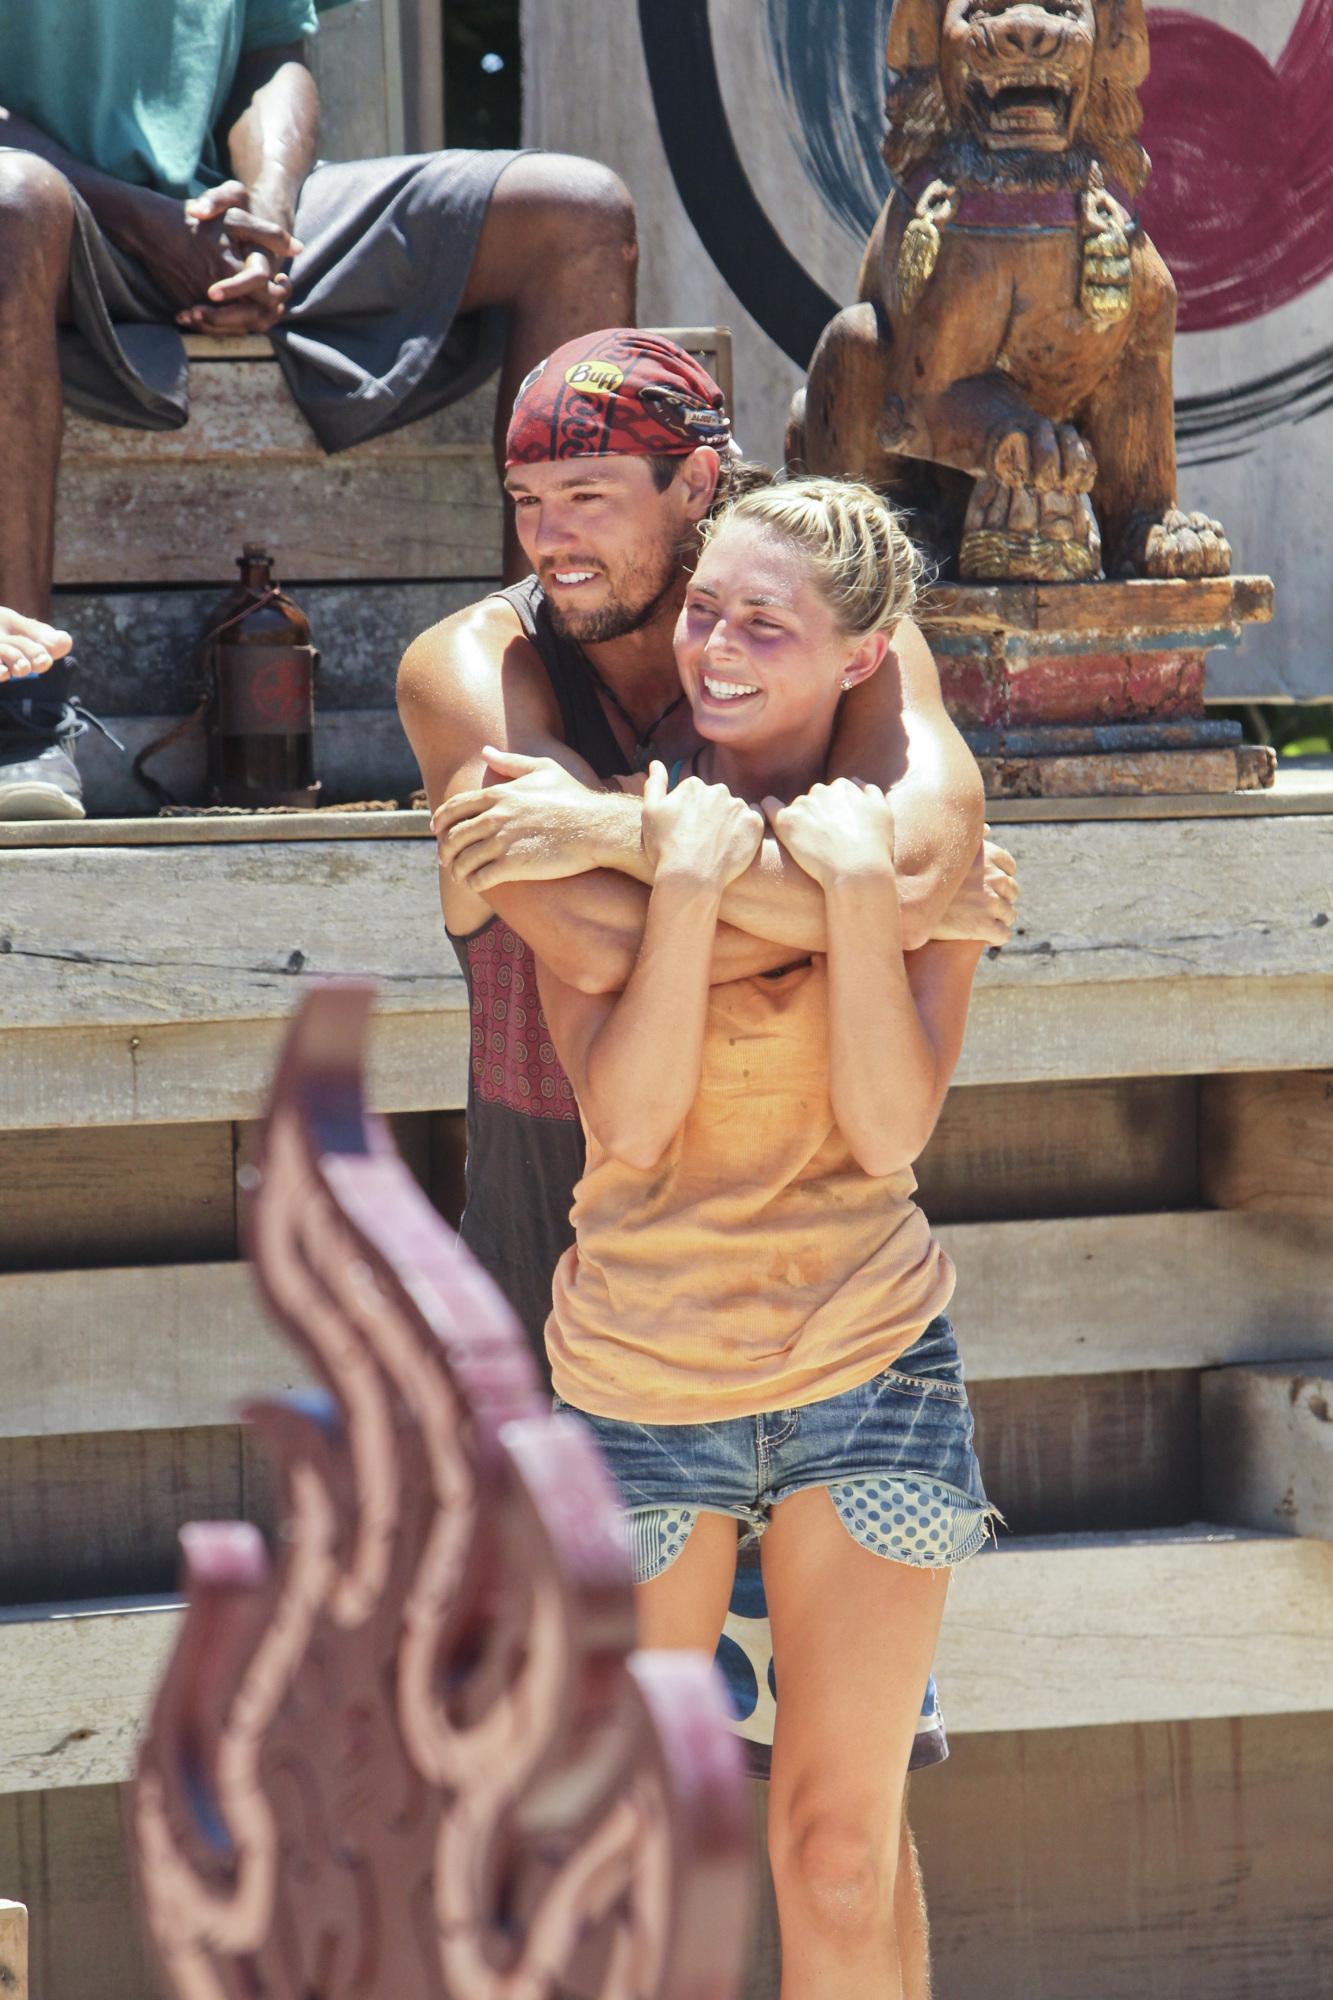 Hayden and Kat